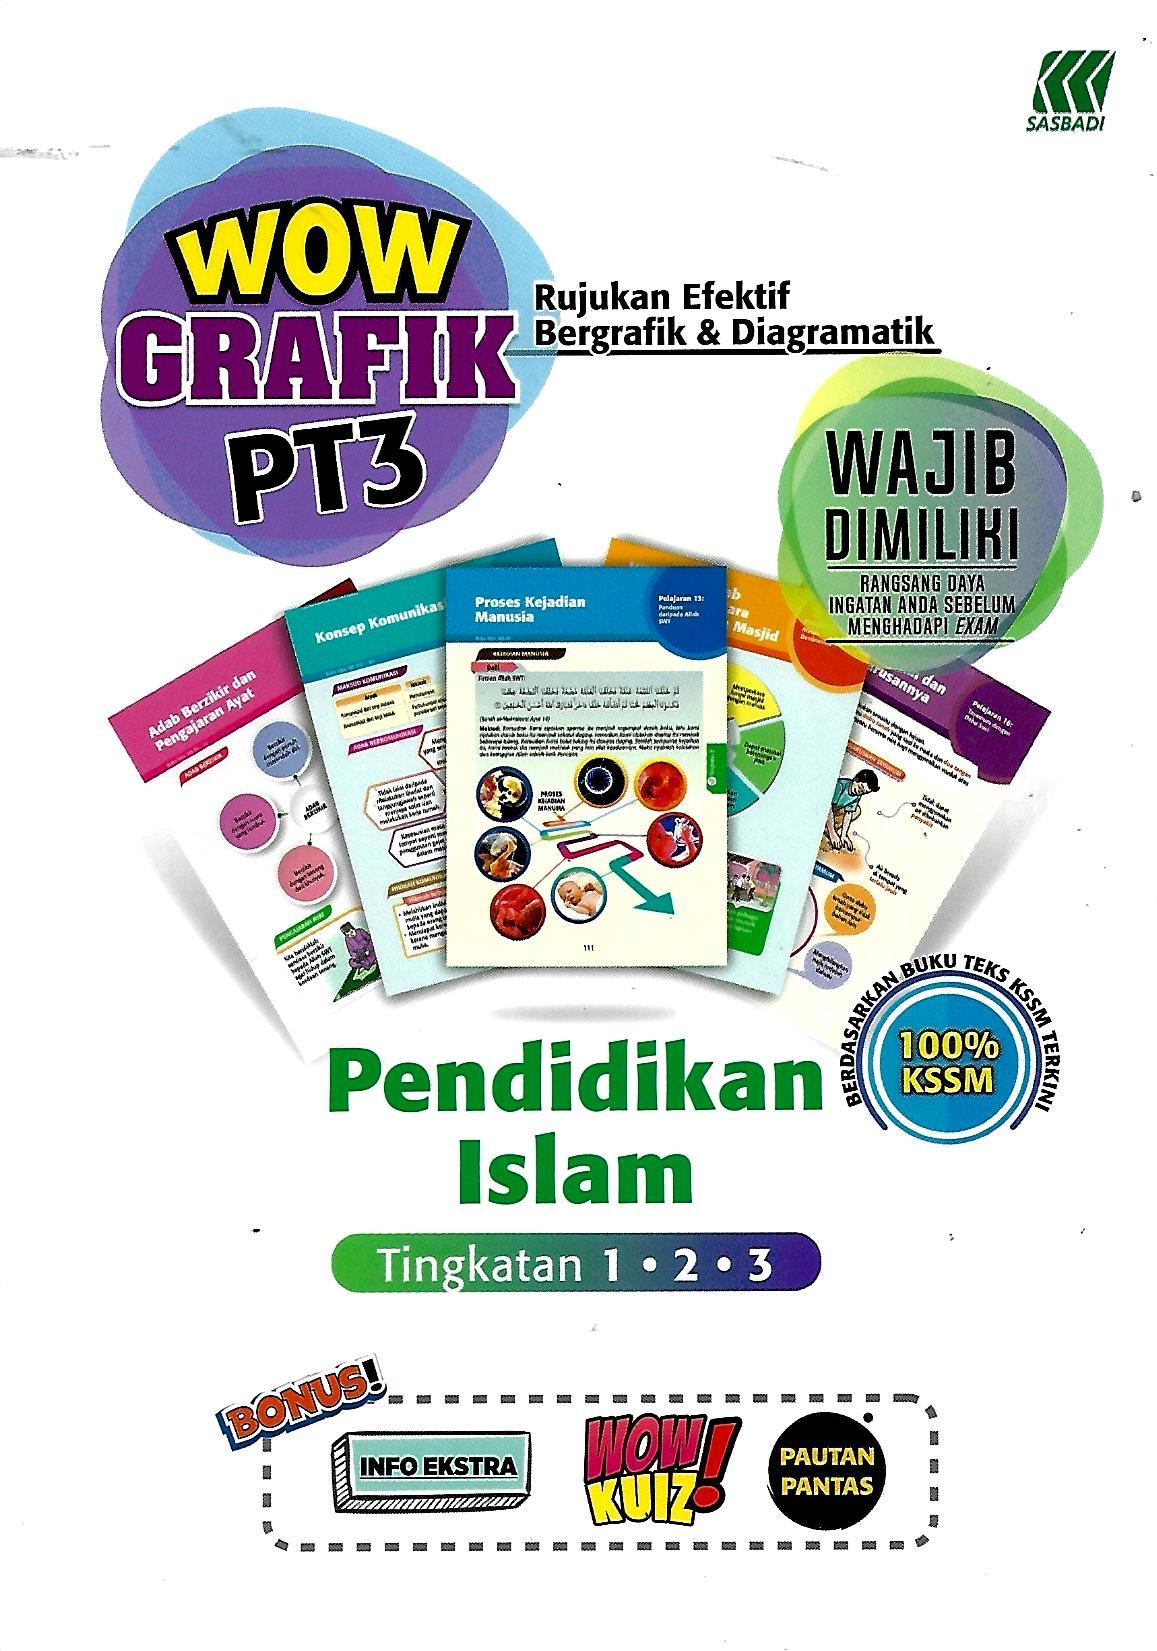 Buku Rujukan Sek Men Wow Grafik Pt3 Pendidikan Islam Tingkatan 1 3